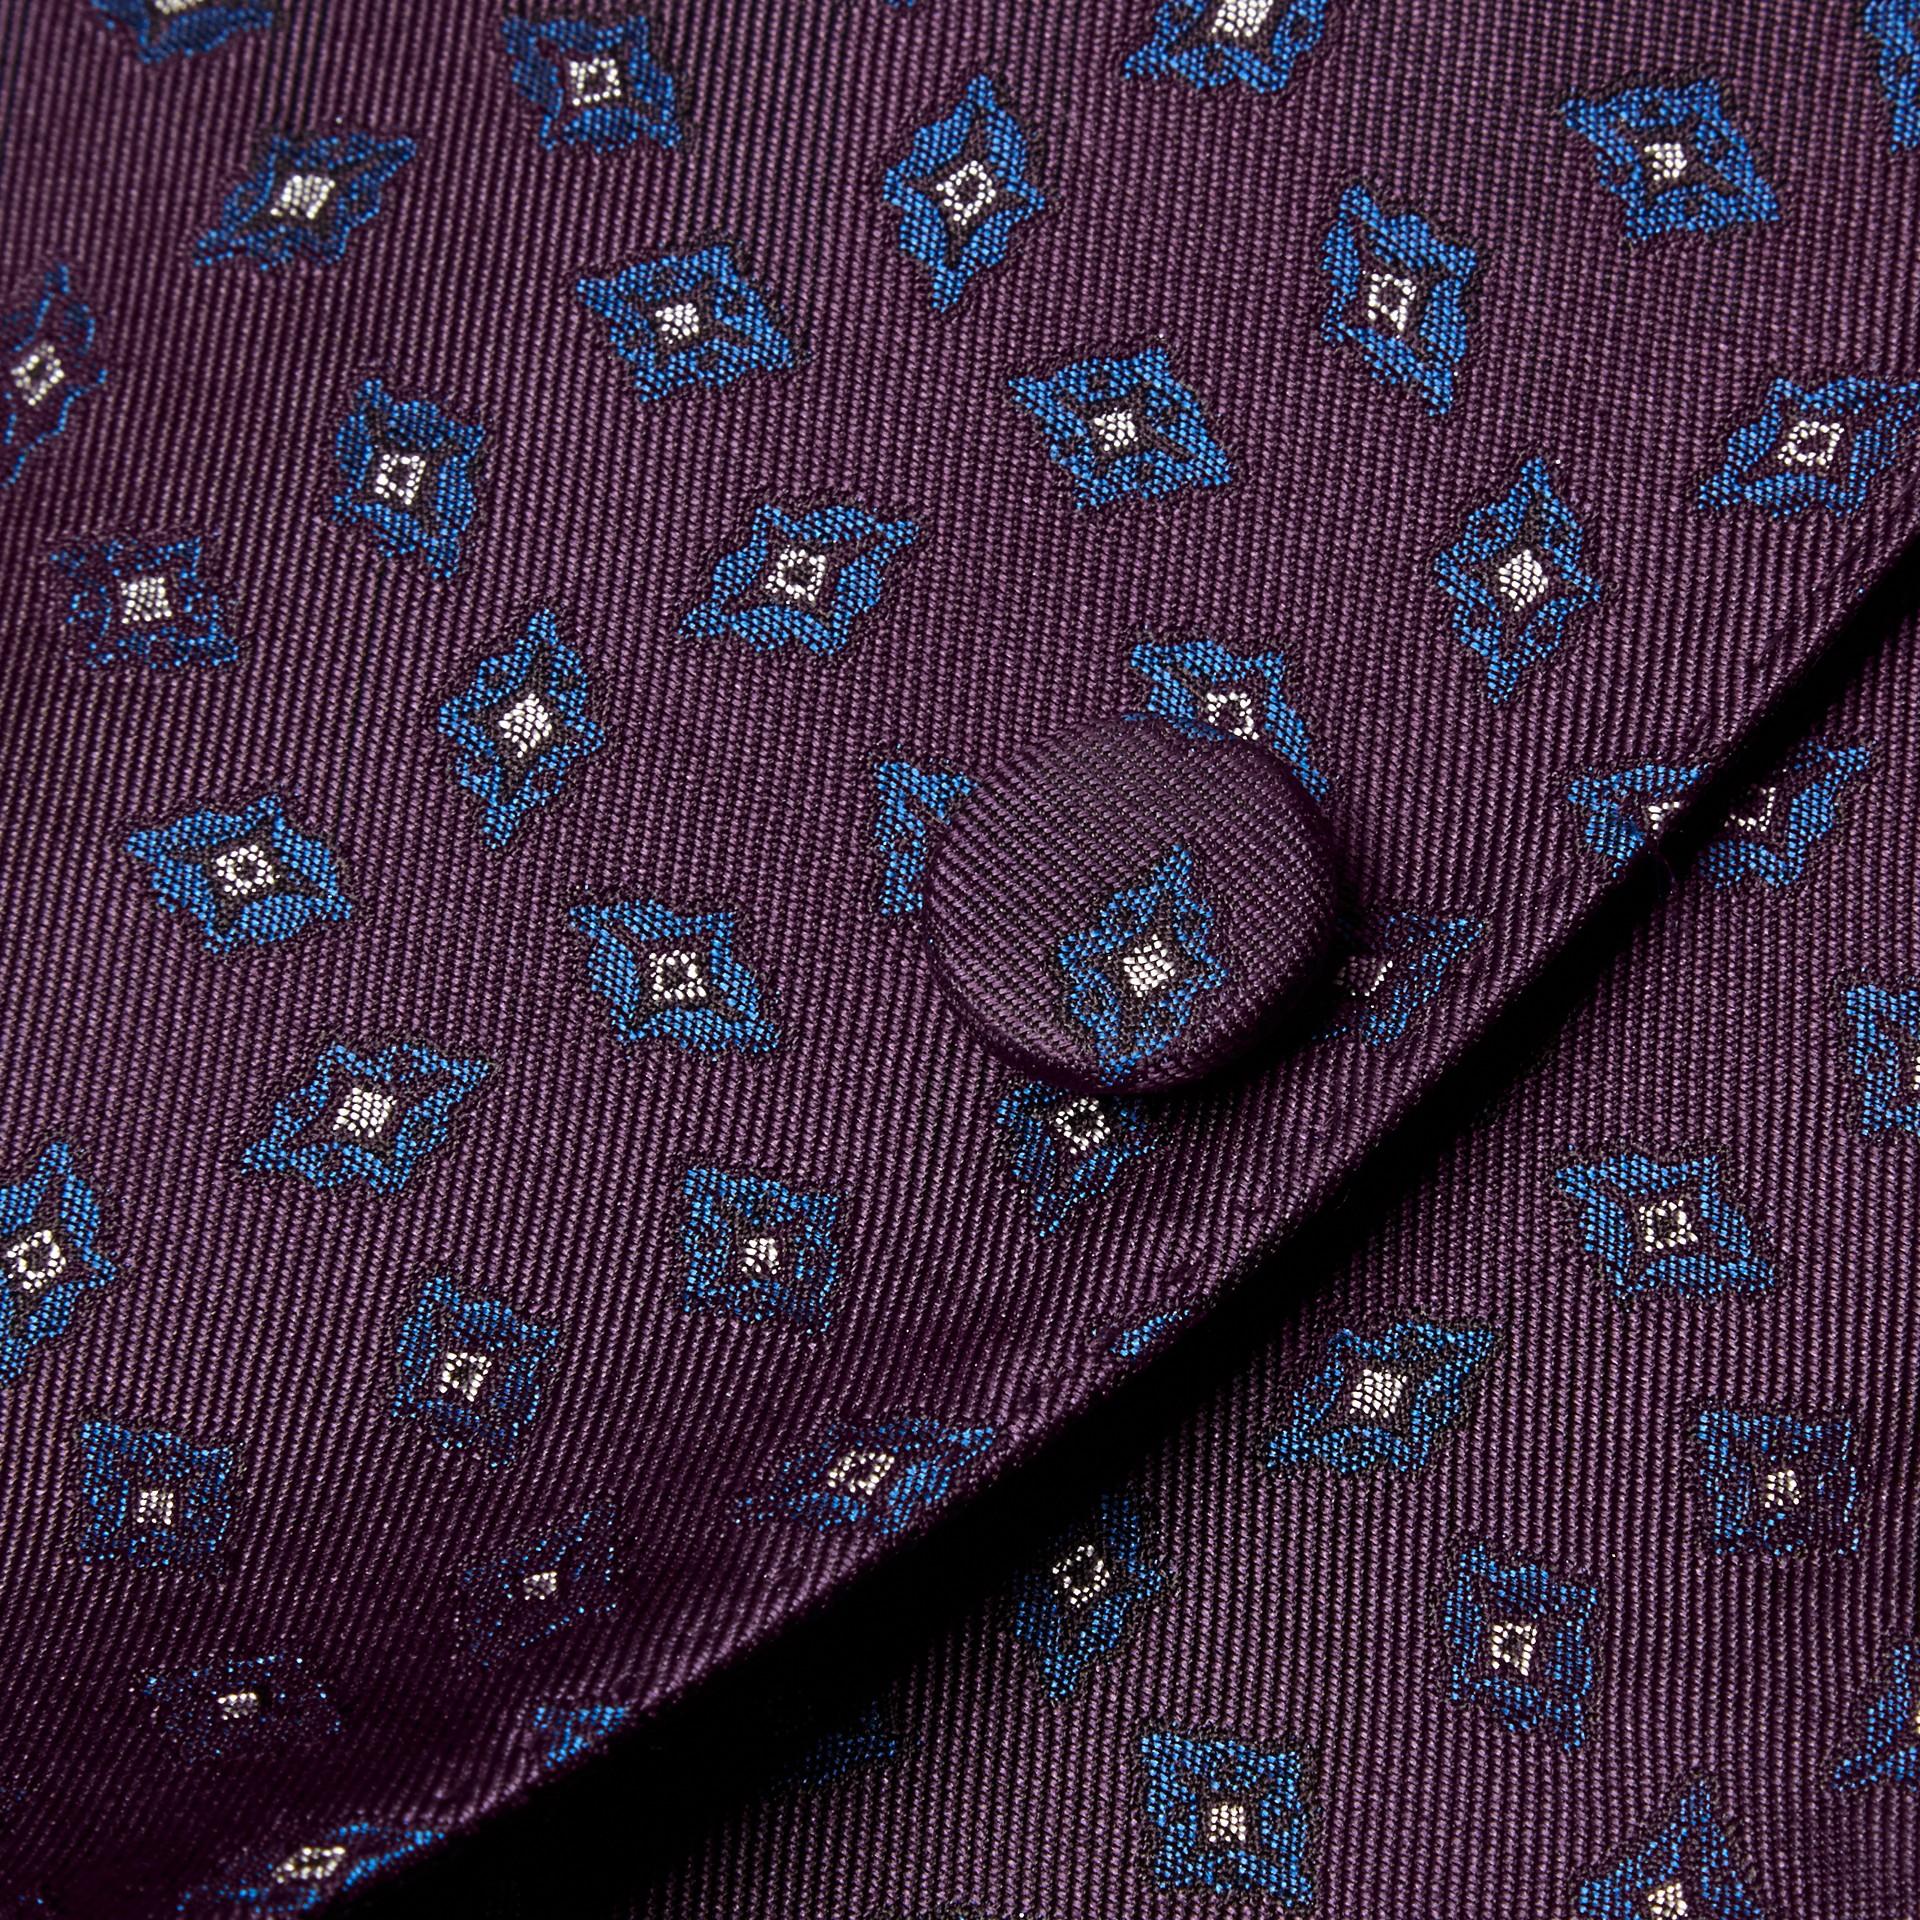 딥 오버진 슬림핏 지오메트릭 실크 자카드 테일러드 재킷 - 갤러리 이미지 2